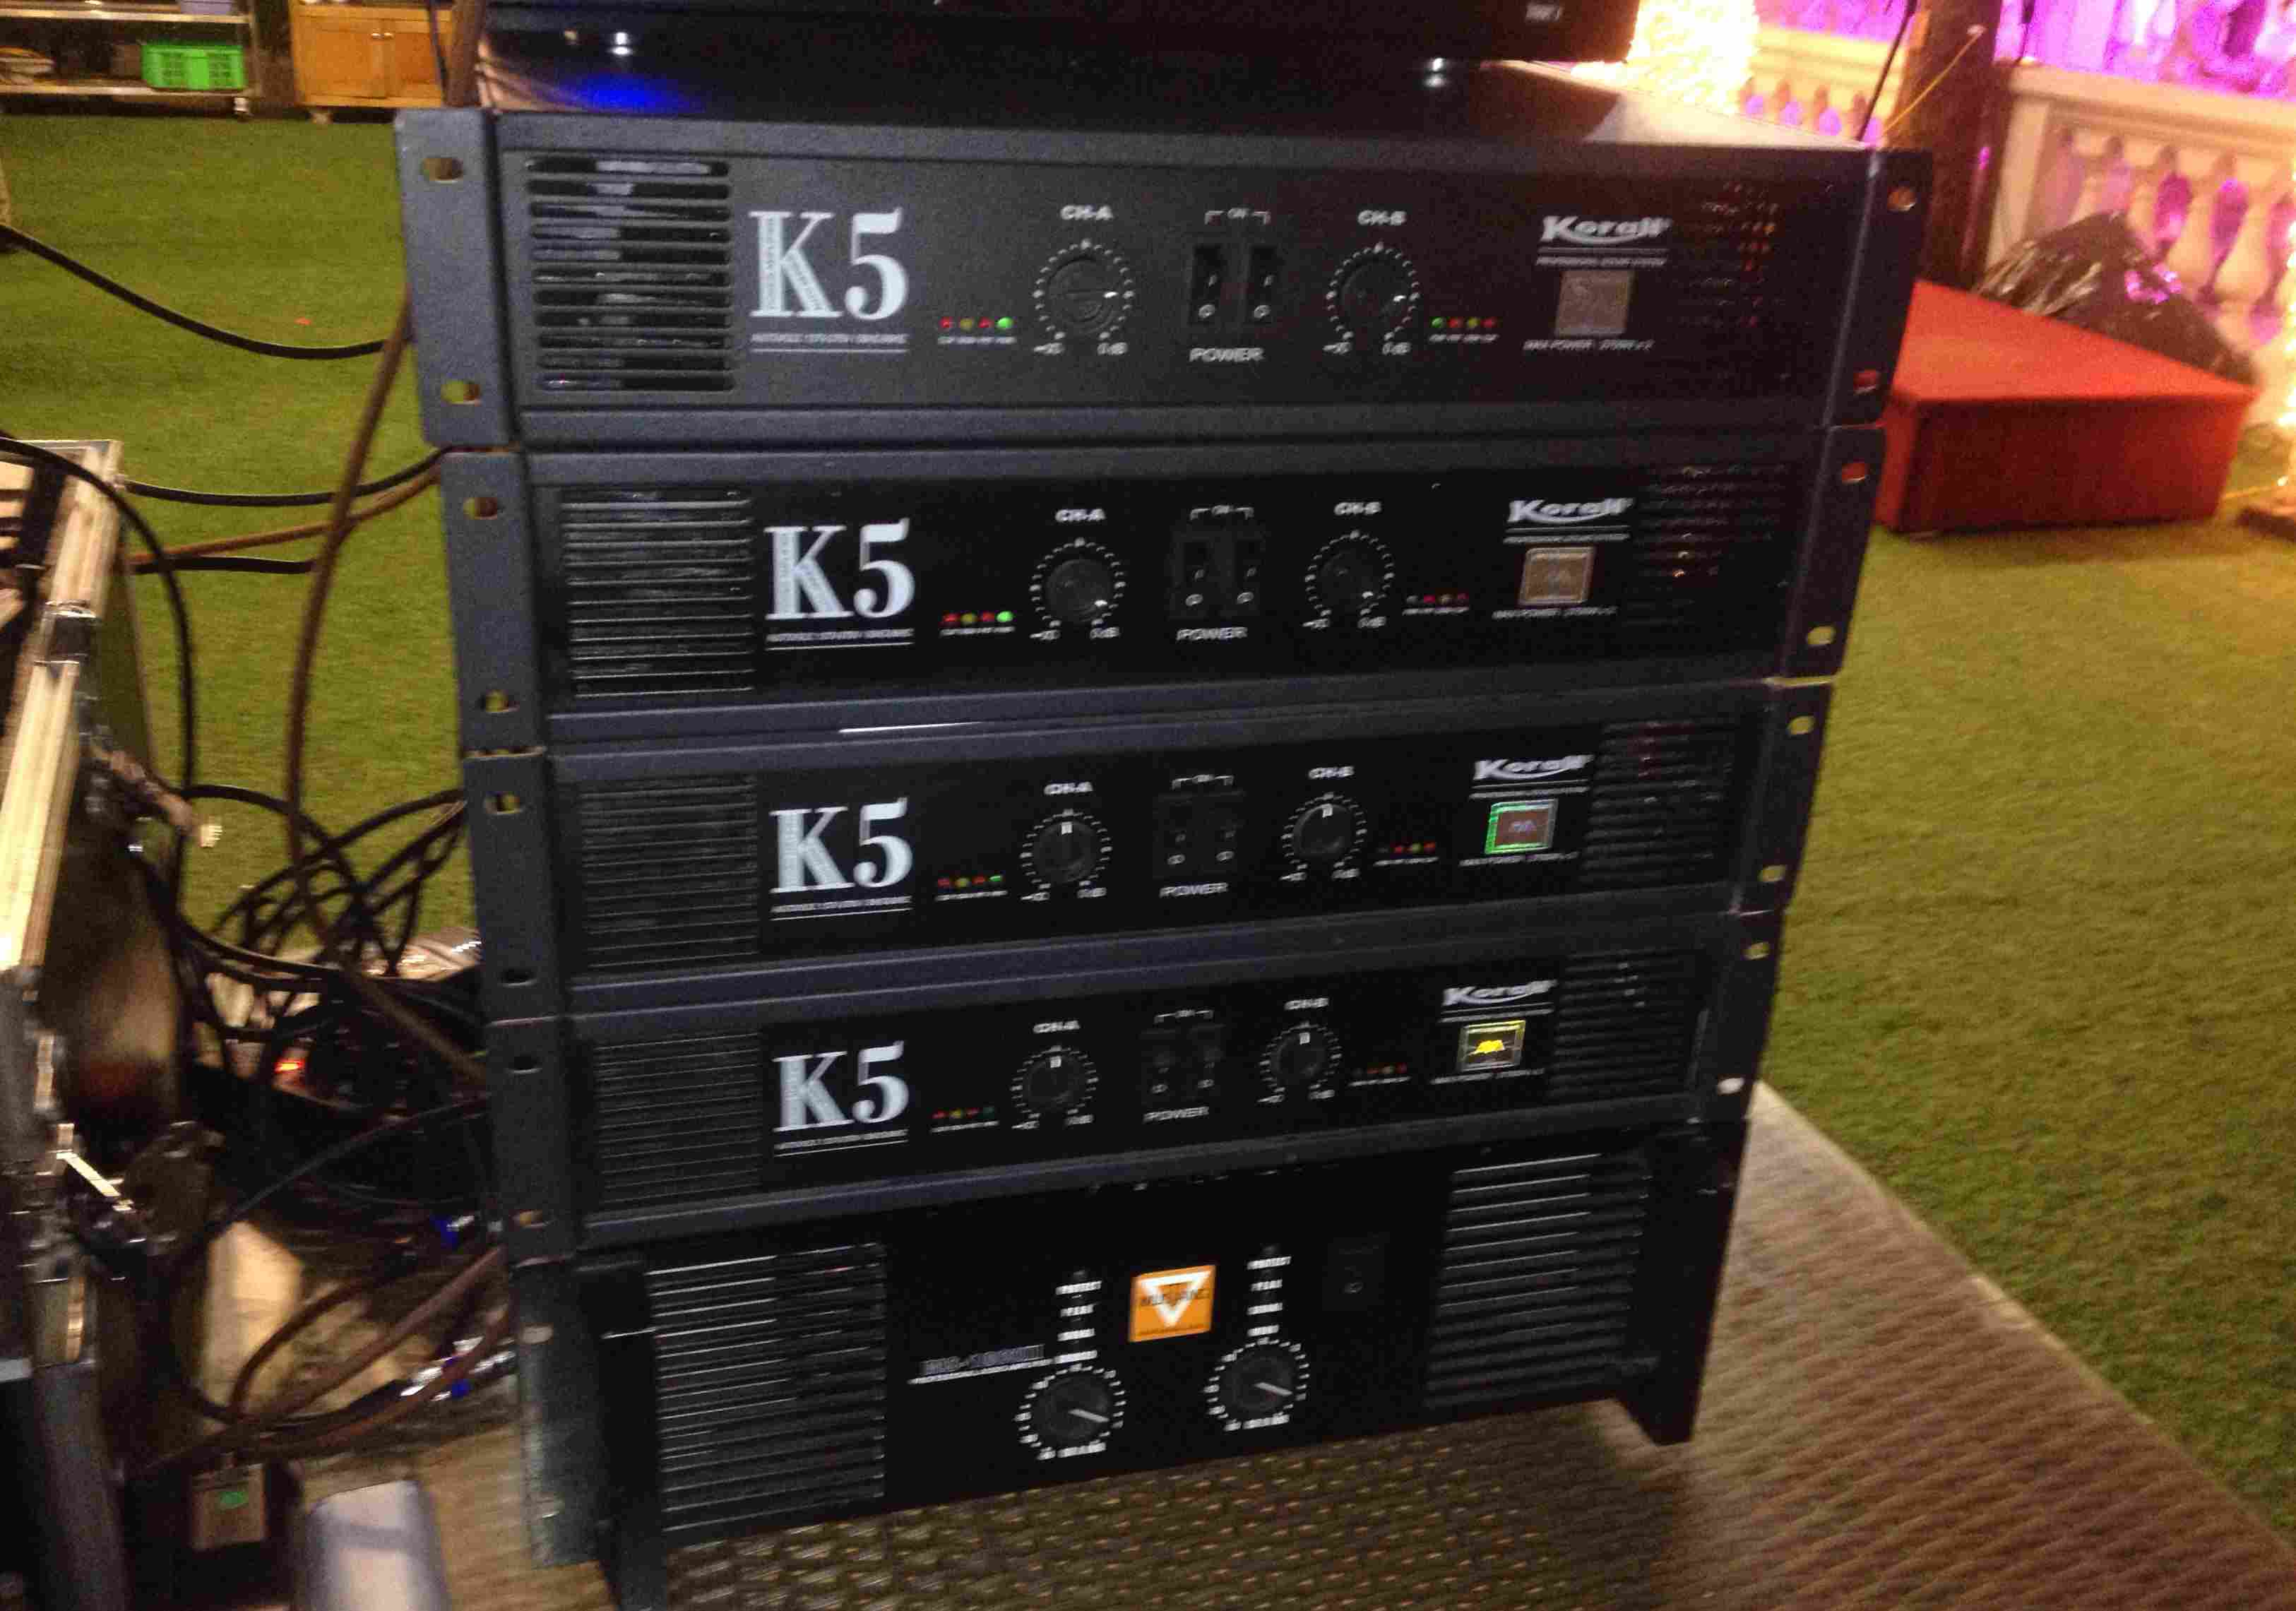 Cục đẩy k5